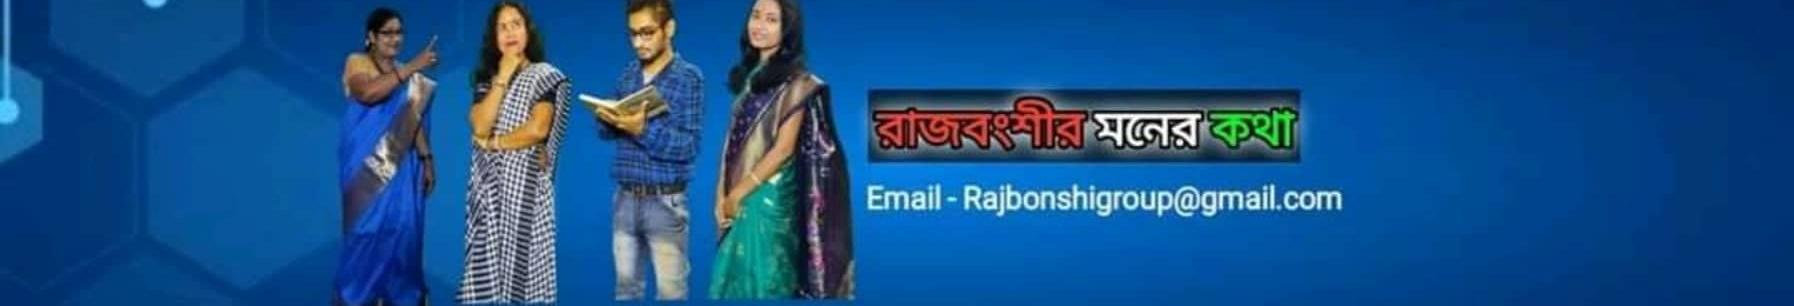 রাজবংশীর মনের কথা - Rajbonshir Moner Kotha